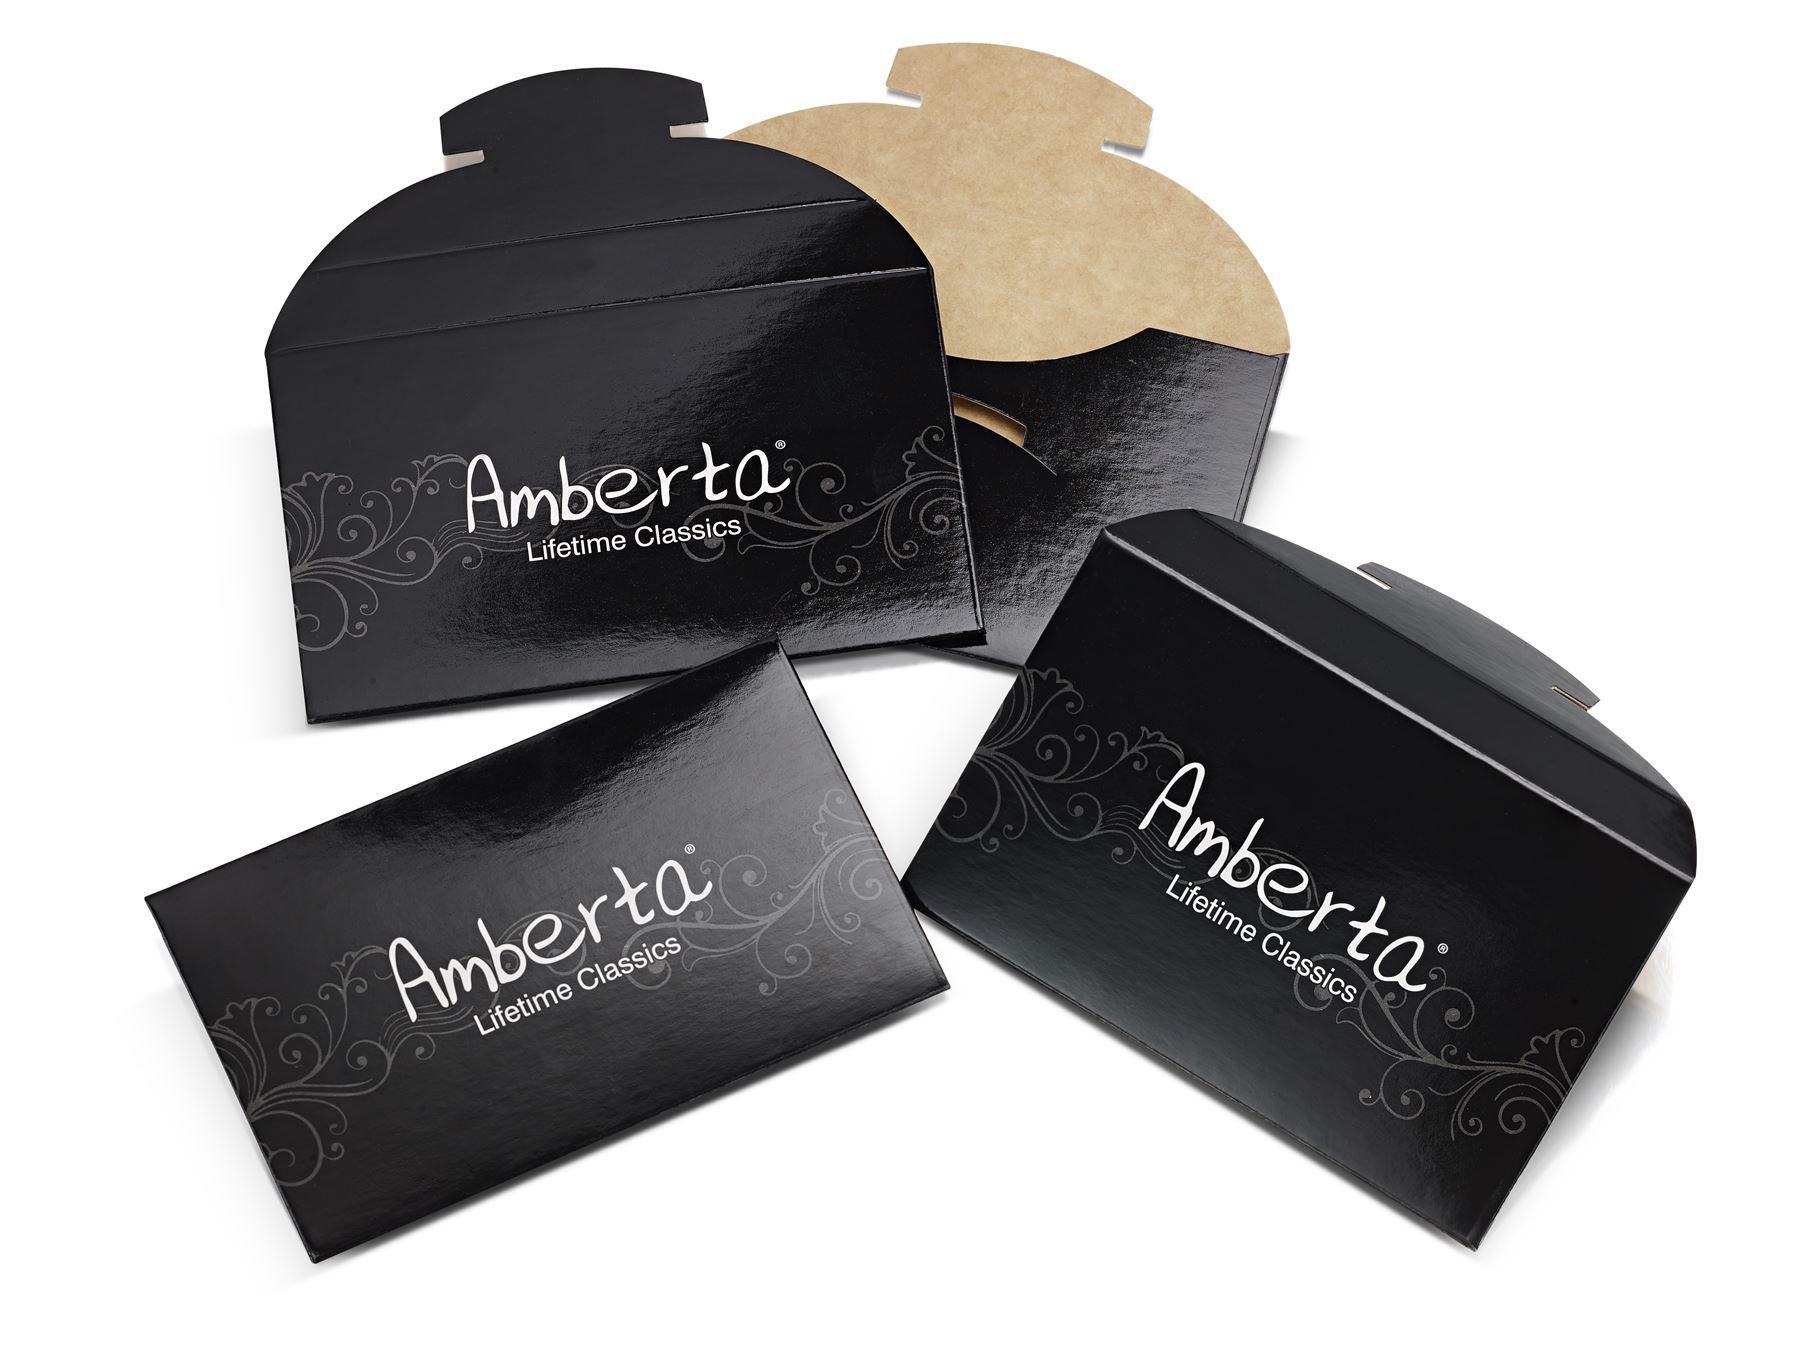 Amberta-Bijoux-Bracelet-en-Vrai-Argent-Sterling-925-Chaine-pour-Femme-a-la-Mode thumbnail 94